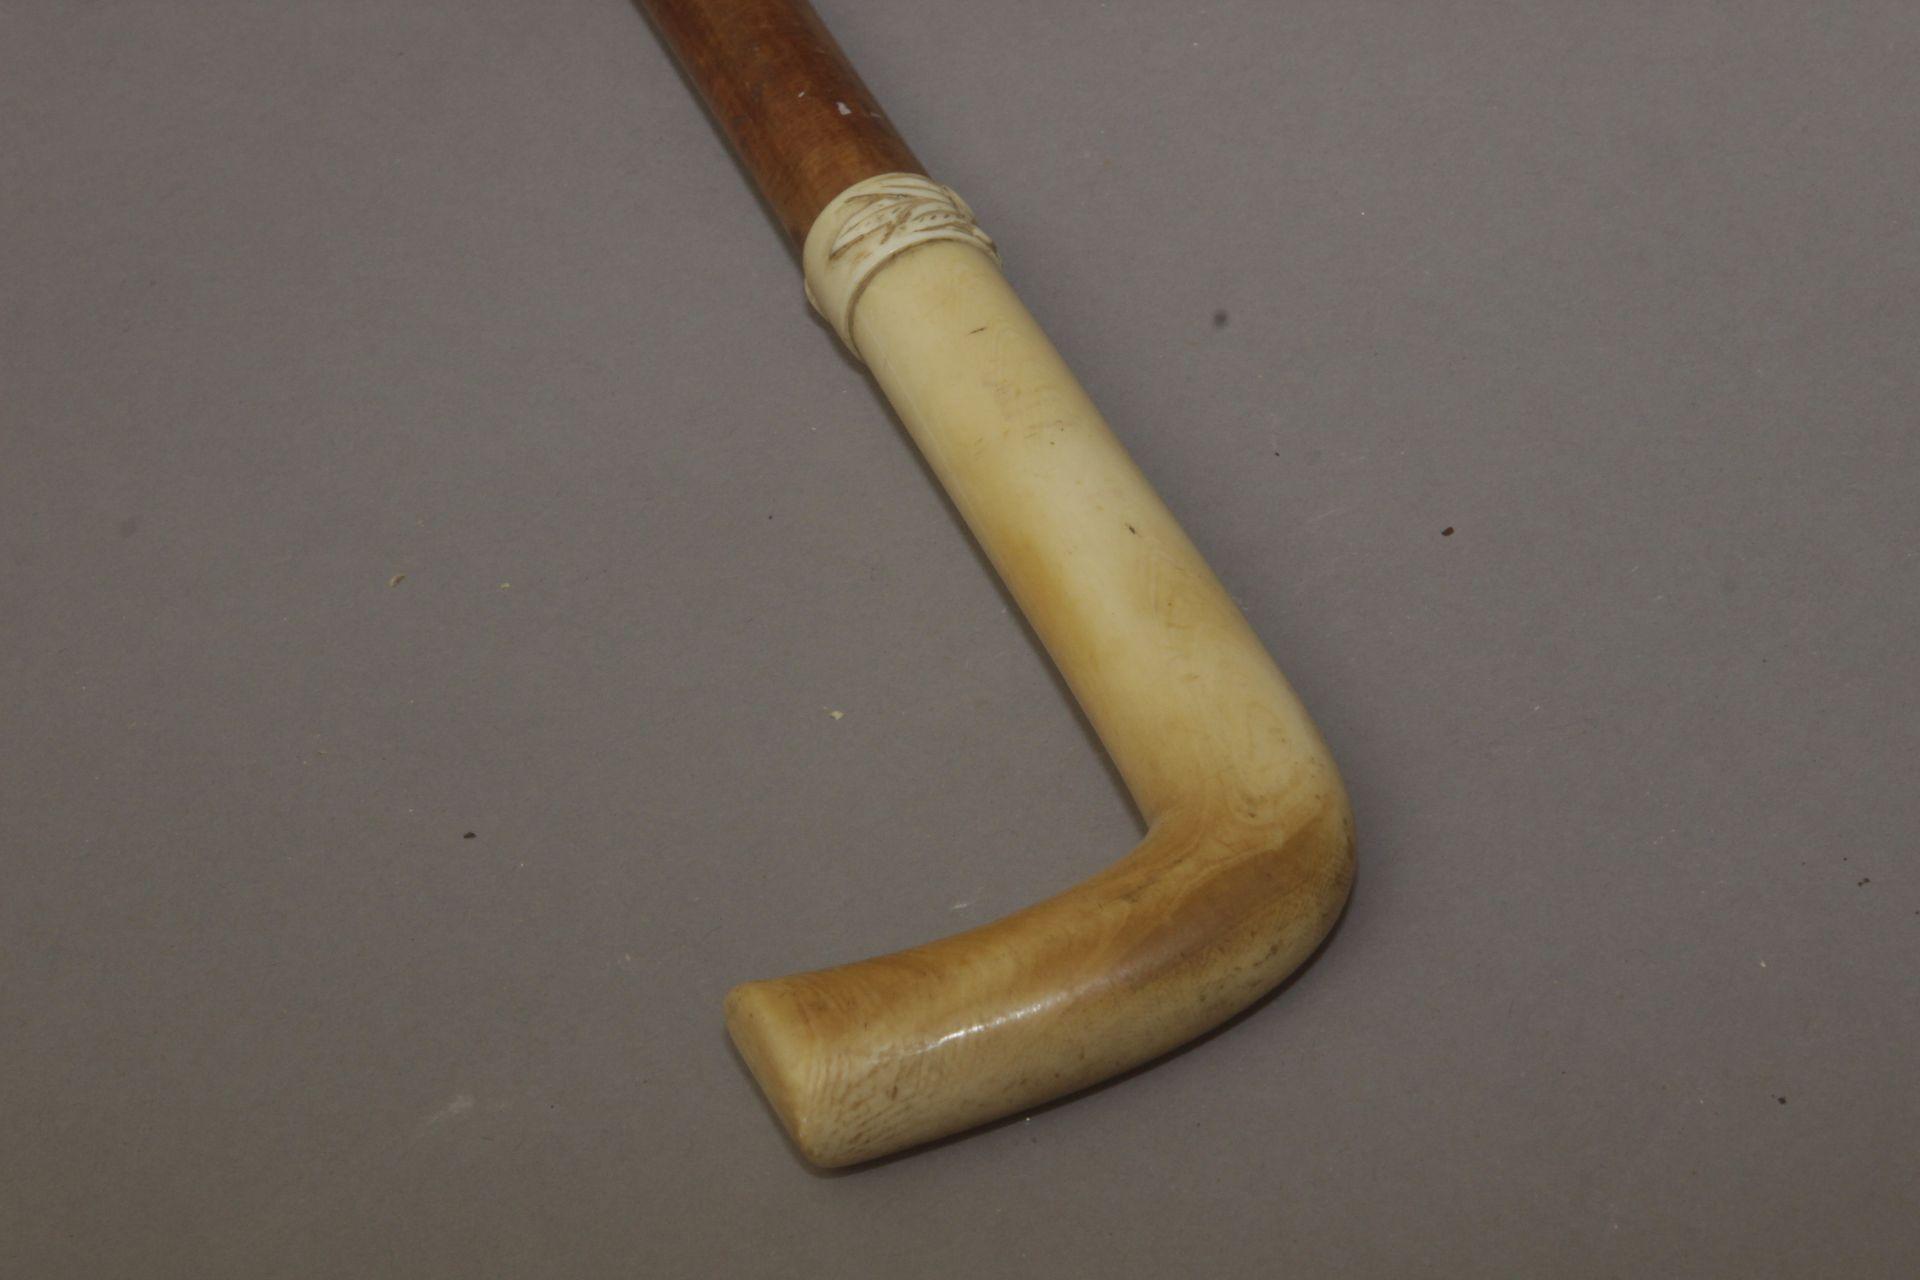 A first half of 20th century walking stick - Bild 4 aus 7